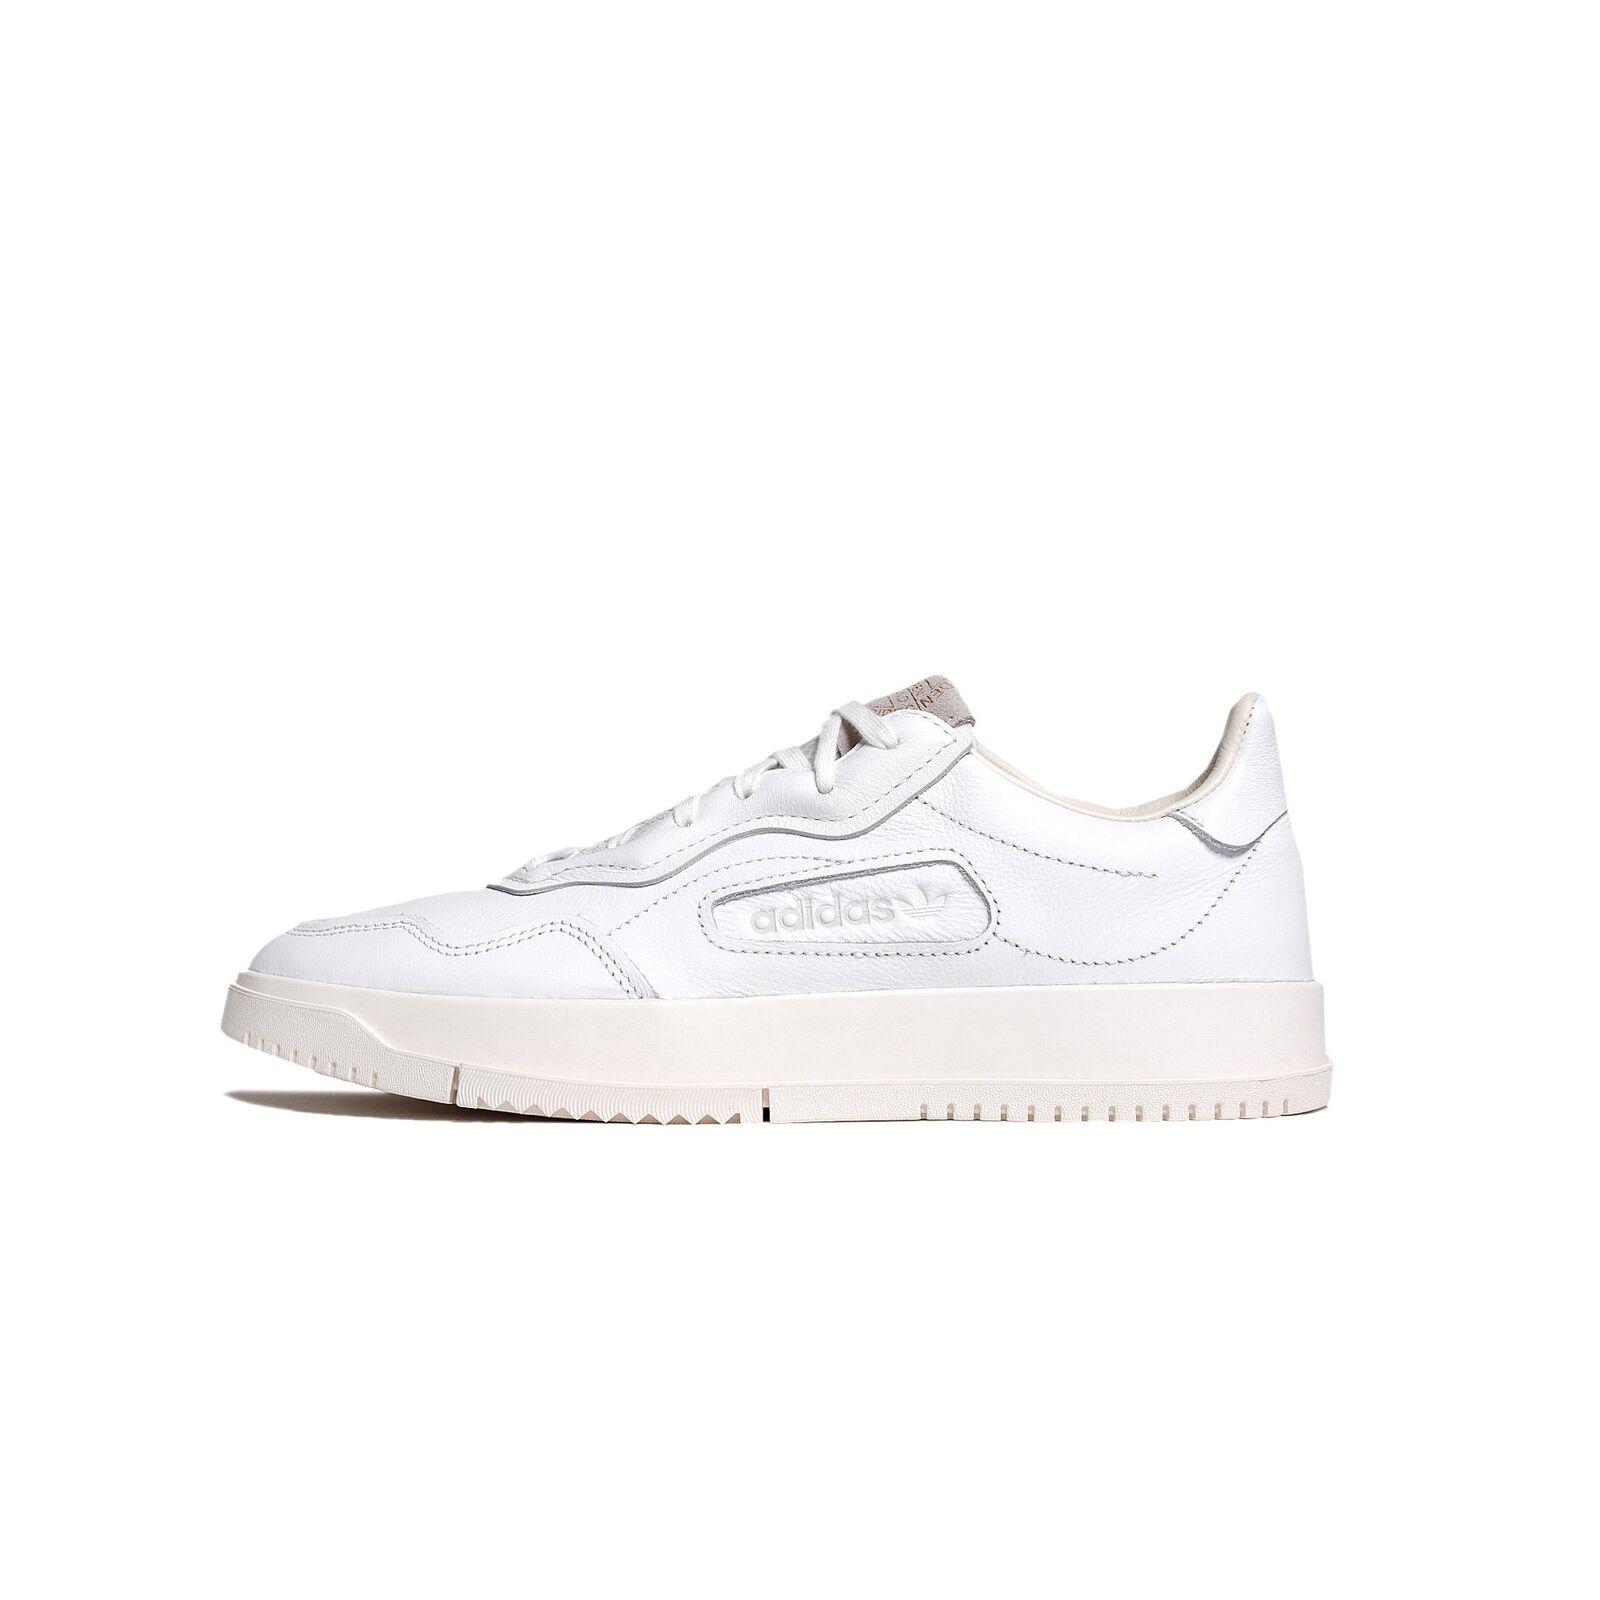 Mens Adidas SC Premiere White BD7583